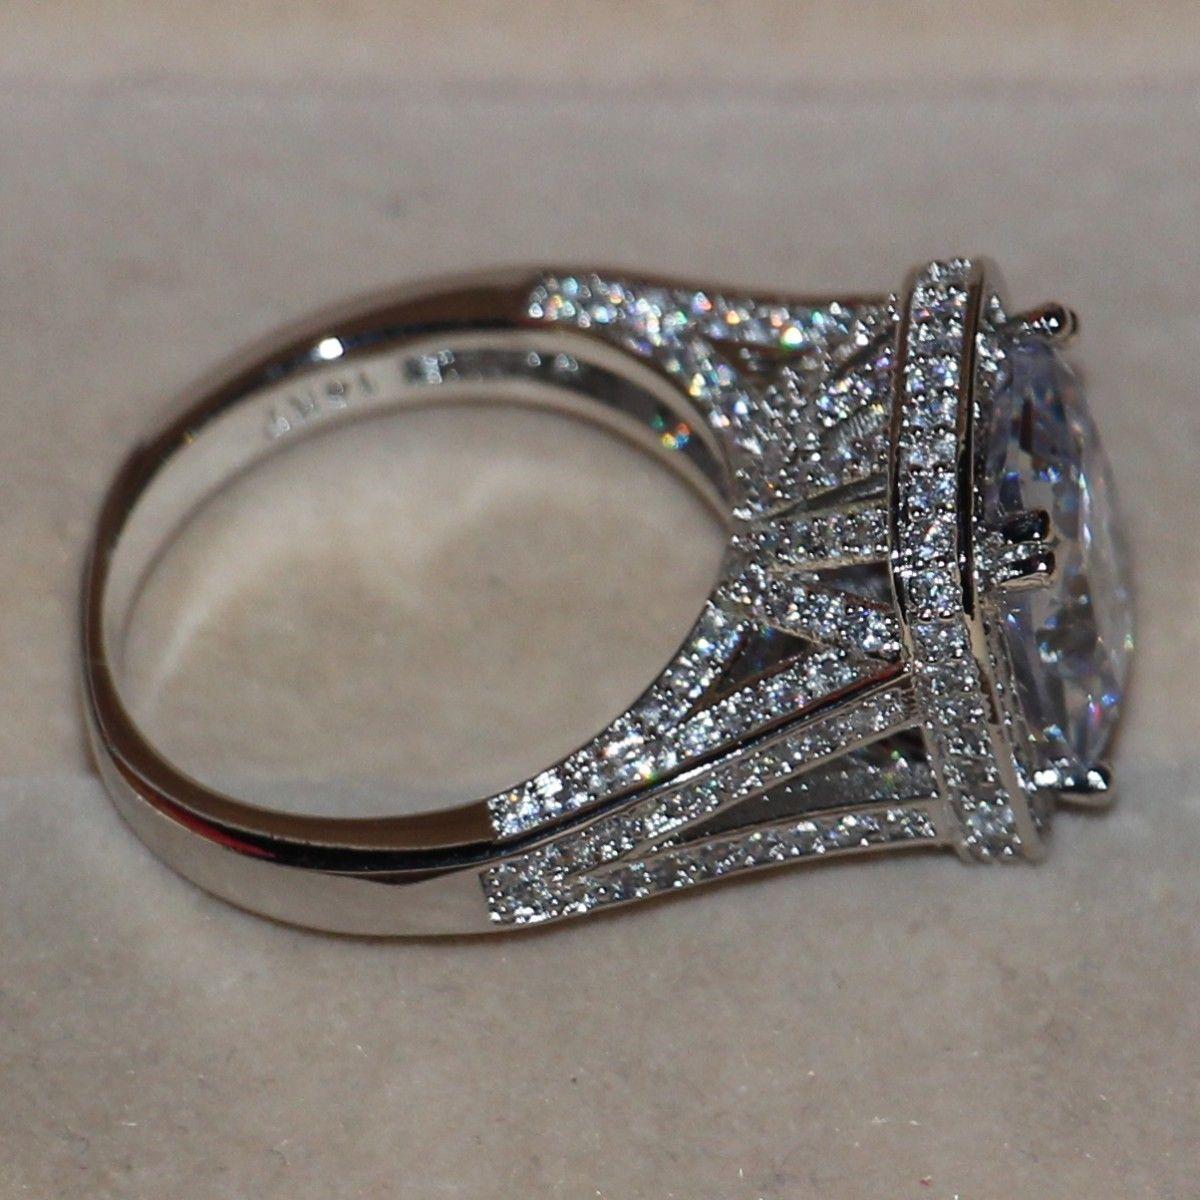 Einzigartige Marke Desgin Freies Verschiffen Luxus Schmuck 14kt Weißgold gefüllt 192Pcs Topaz Simulierte Diamant Weddiong Band Ring Geschenk Größe 5-11